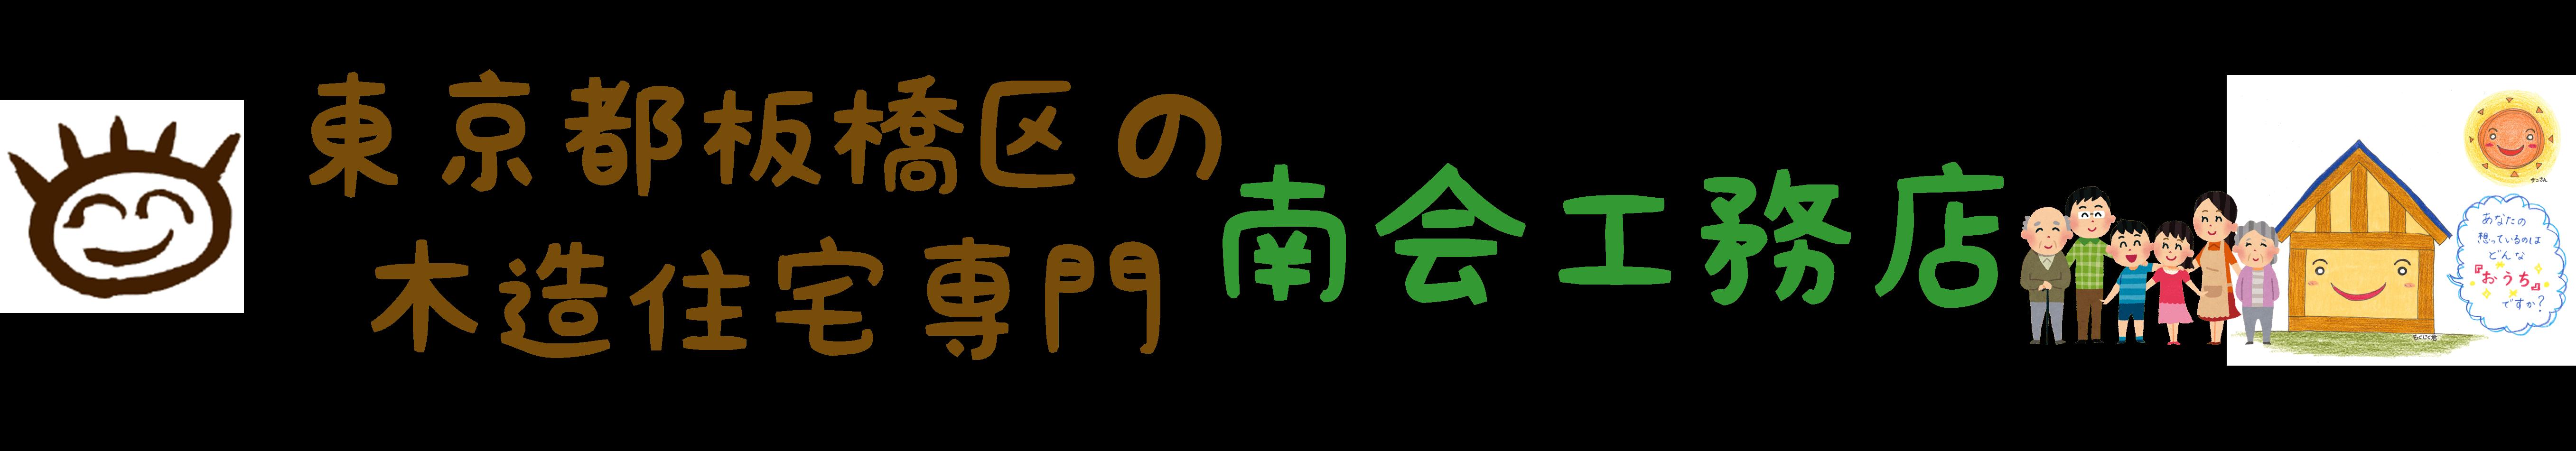 木造の新築・建て替え・耐震工事なら東京都板橋区南会工務店